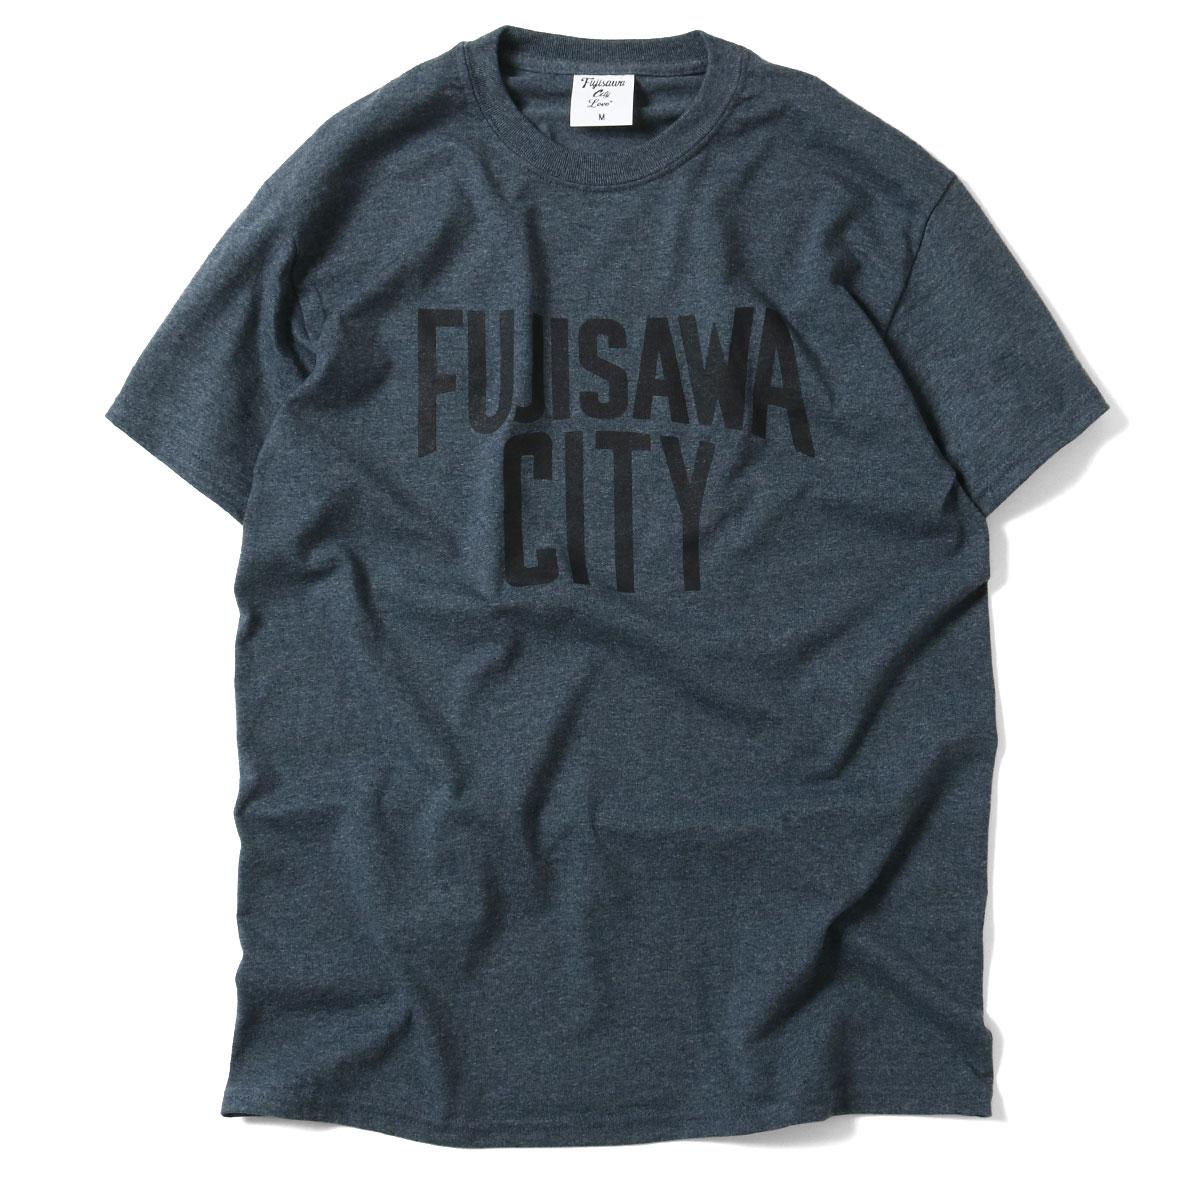 FUJISAWA CITY フジサワシティ LOGO TEE 半袖 Tシャツ DARK HEATHER×BLACK ダークヘザー×ブラック